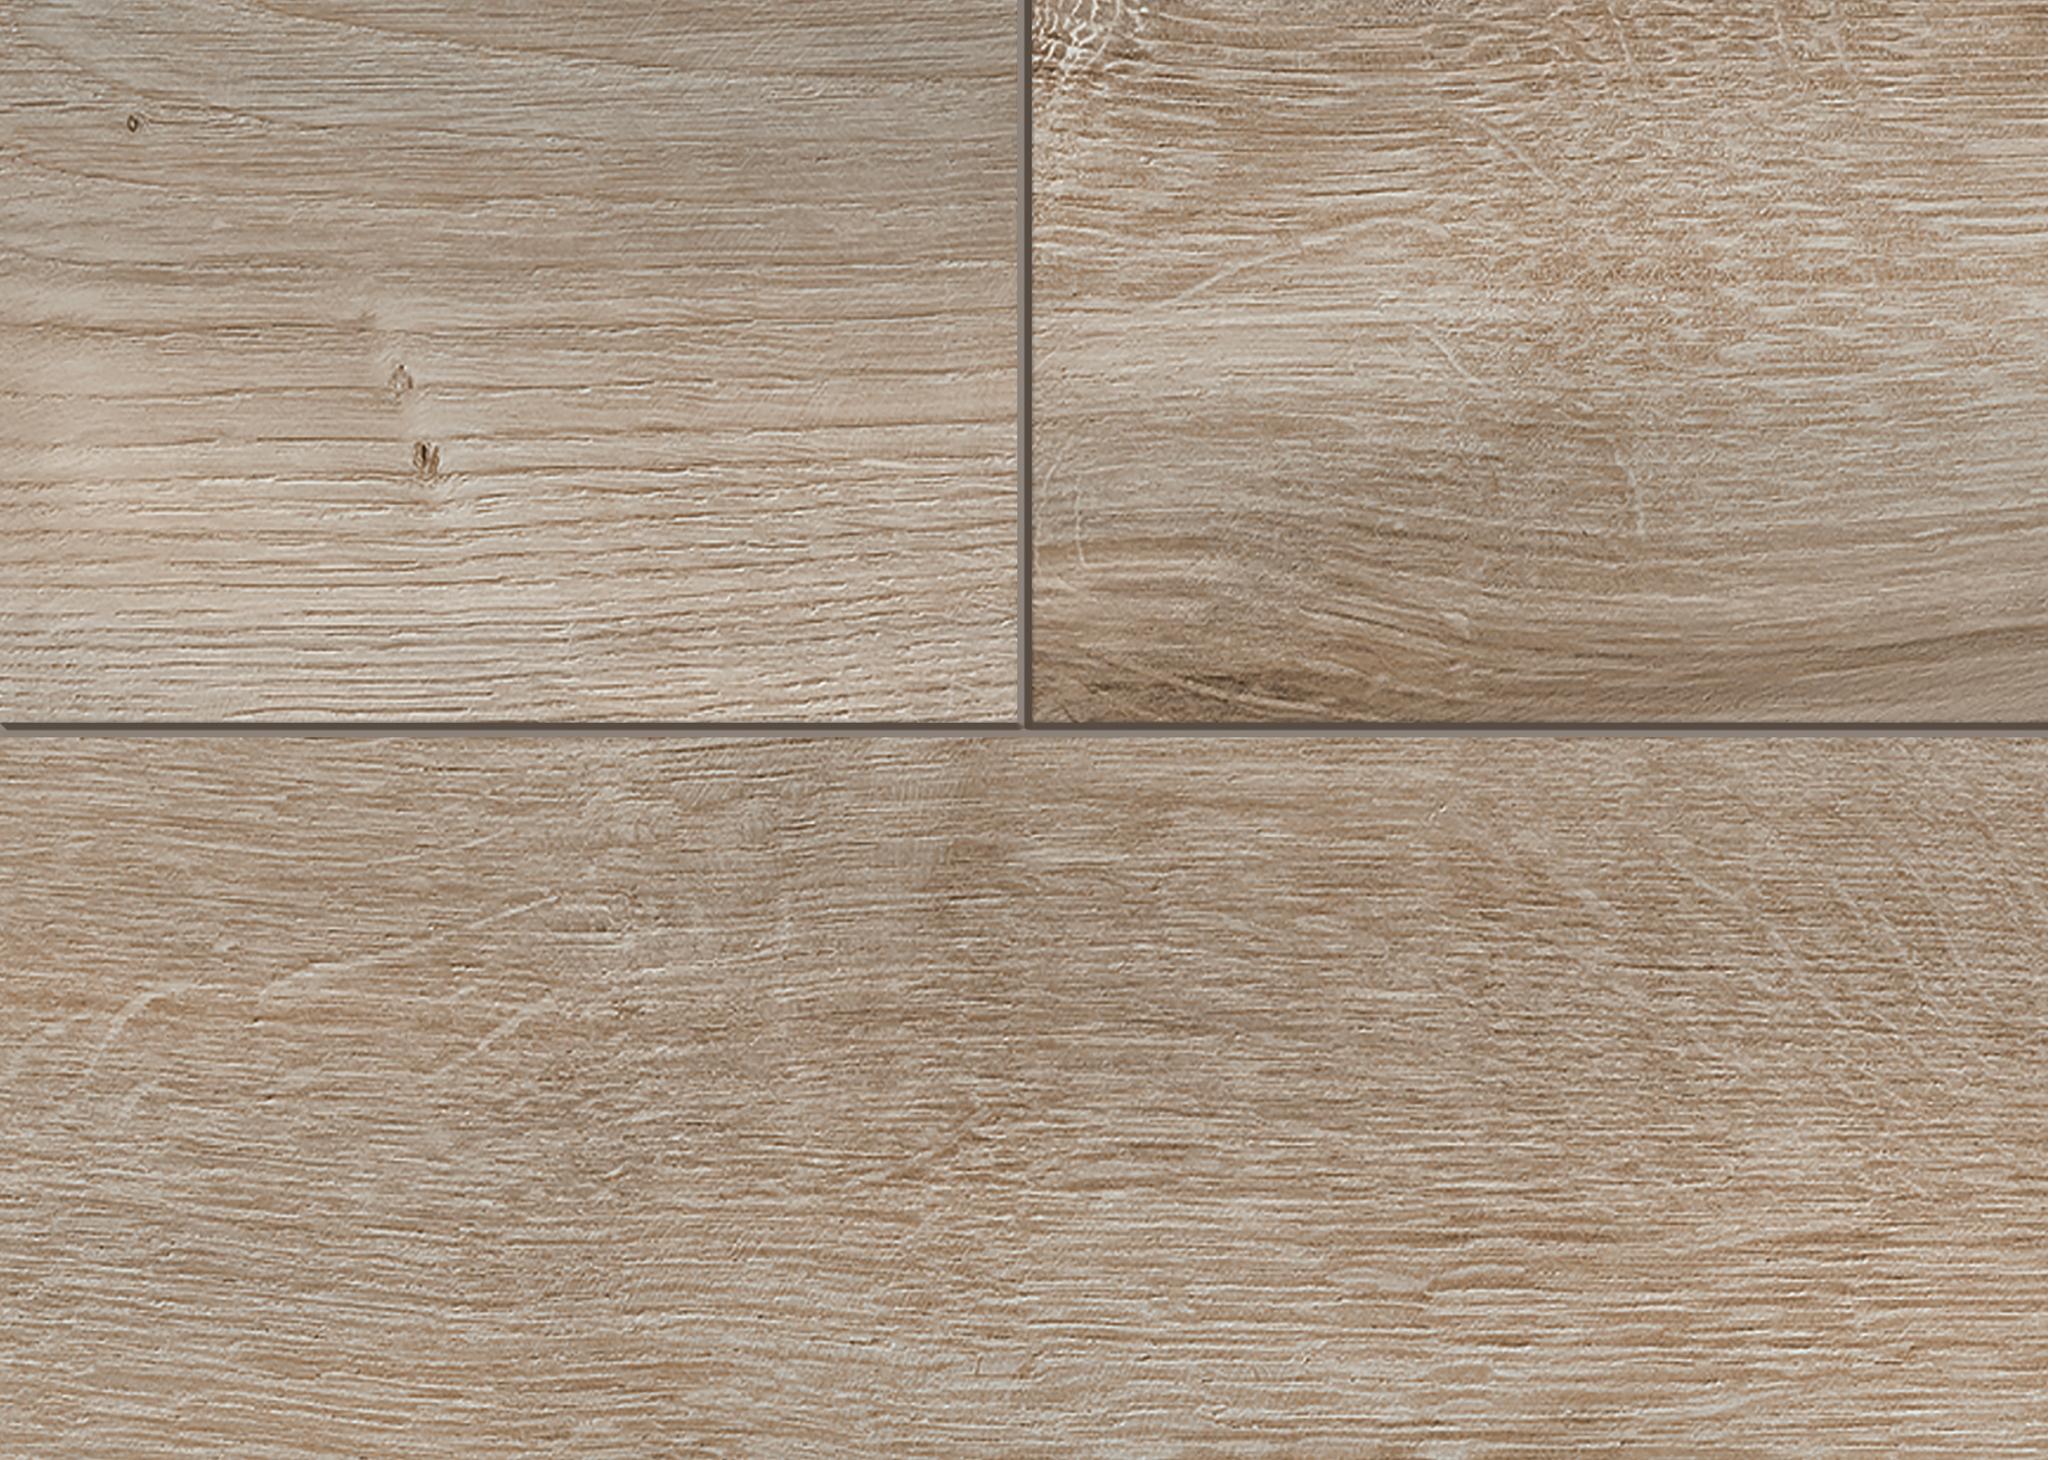 Wiparquet Eco Aqua Oak beige